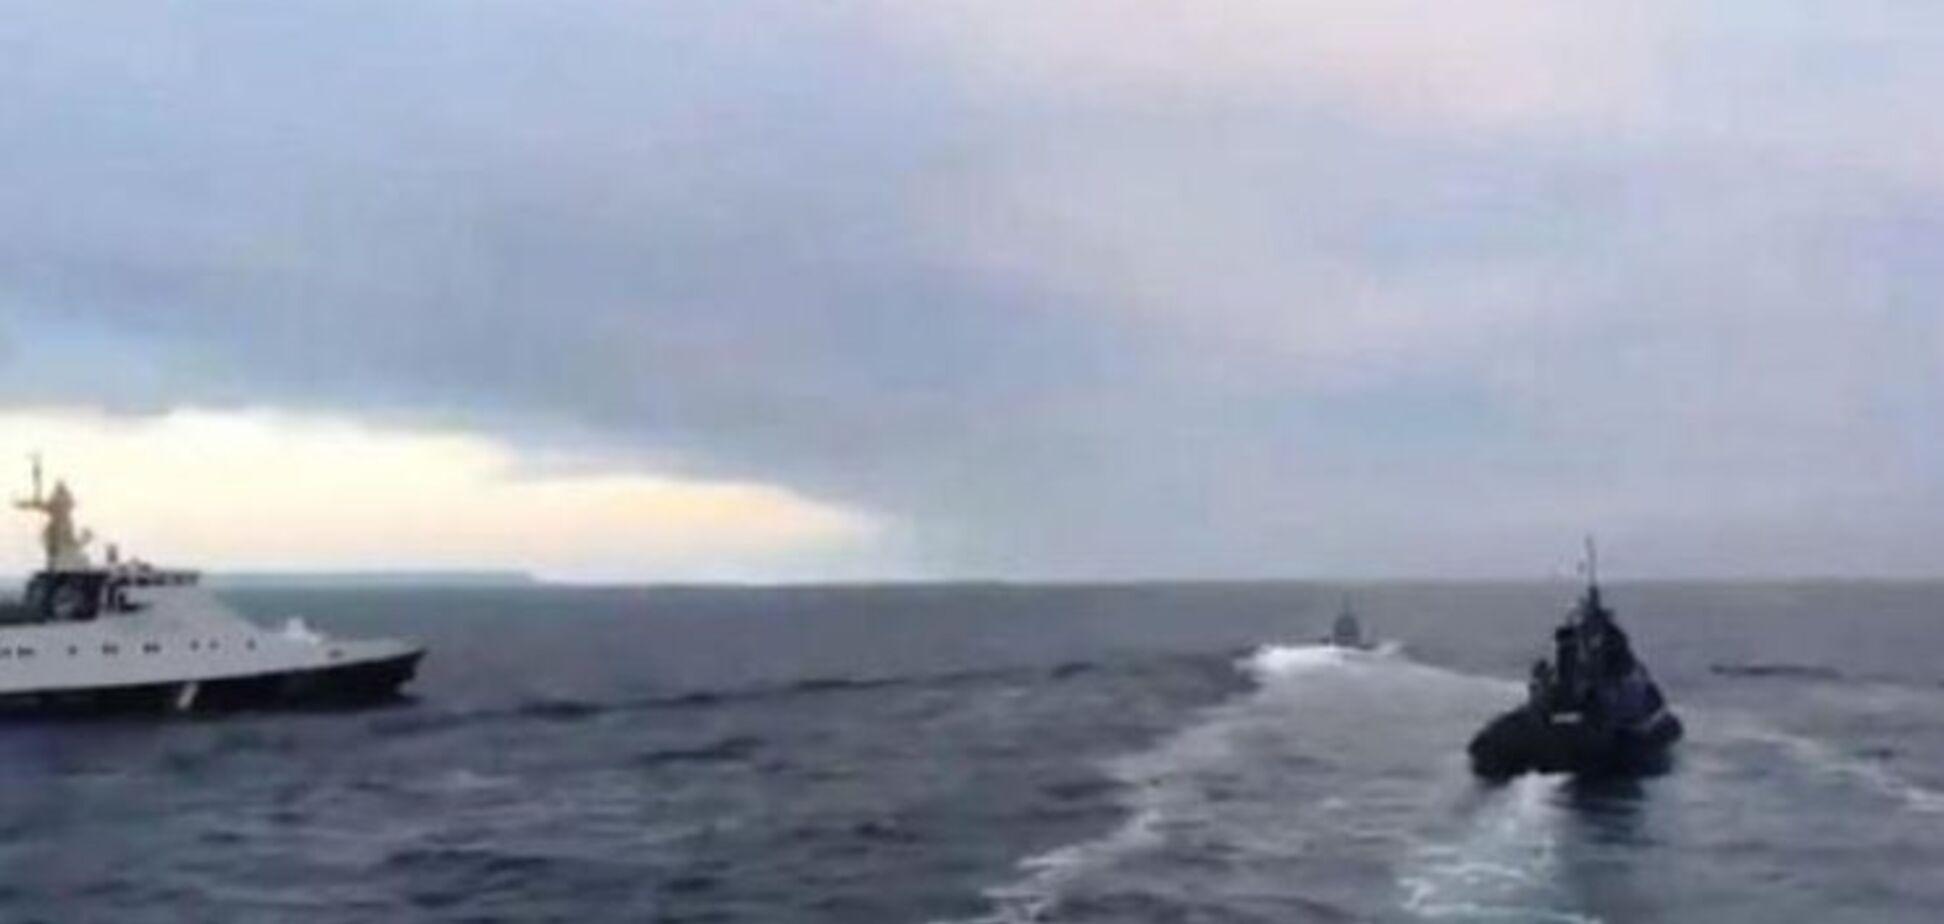 ''Втрати будуть колосальними'': озвучено прогноз щодо ситуації в Азовському морі